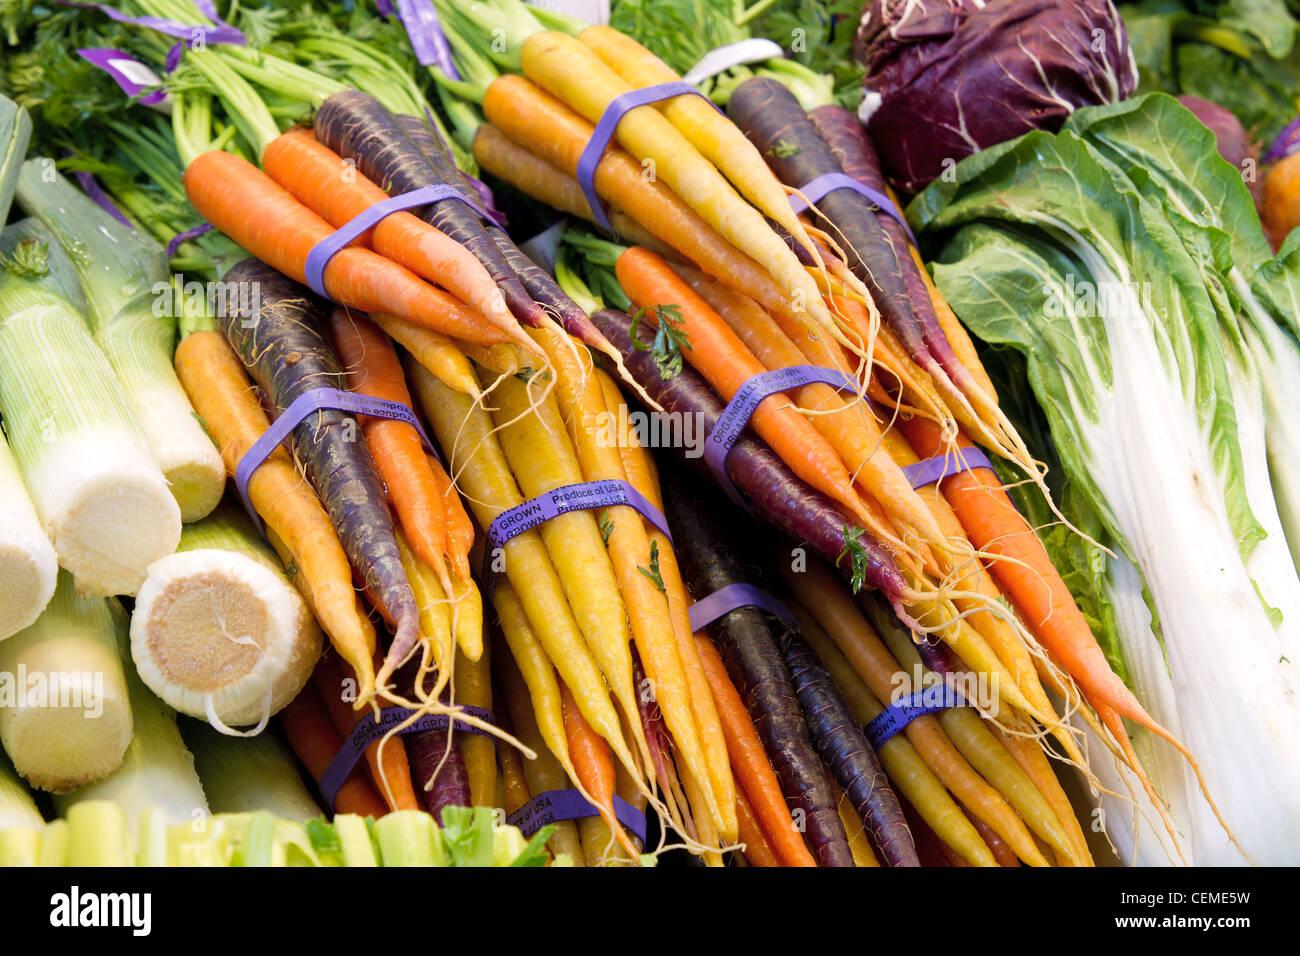 Dans la culture biologique de légumes et les carottes USA at Market Stall Photo Stock